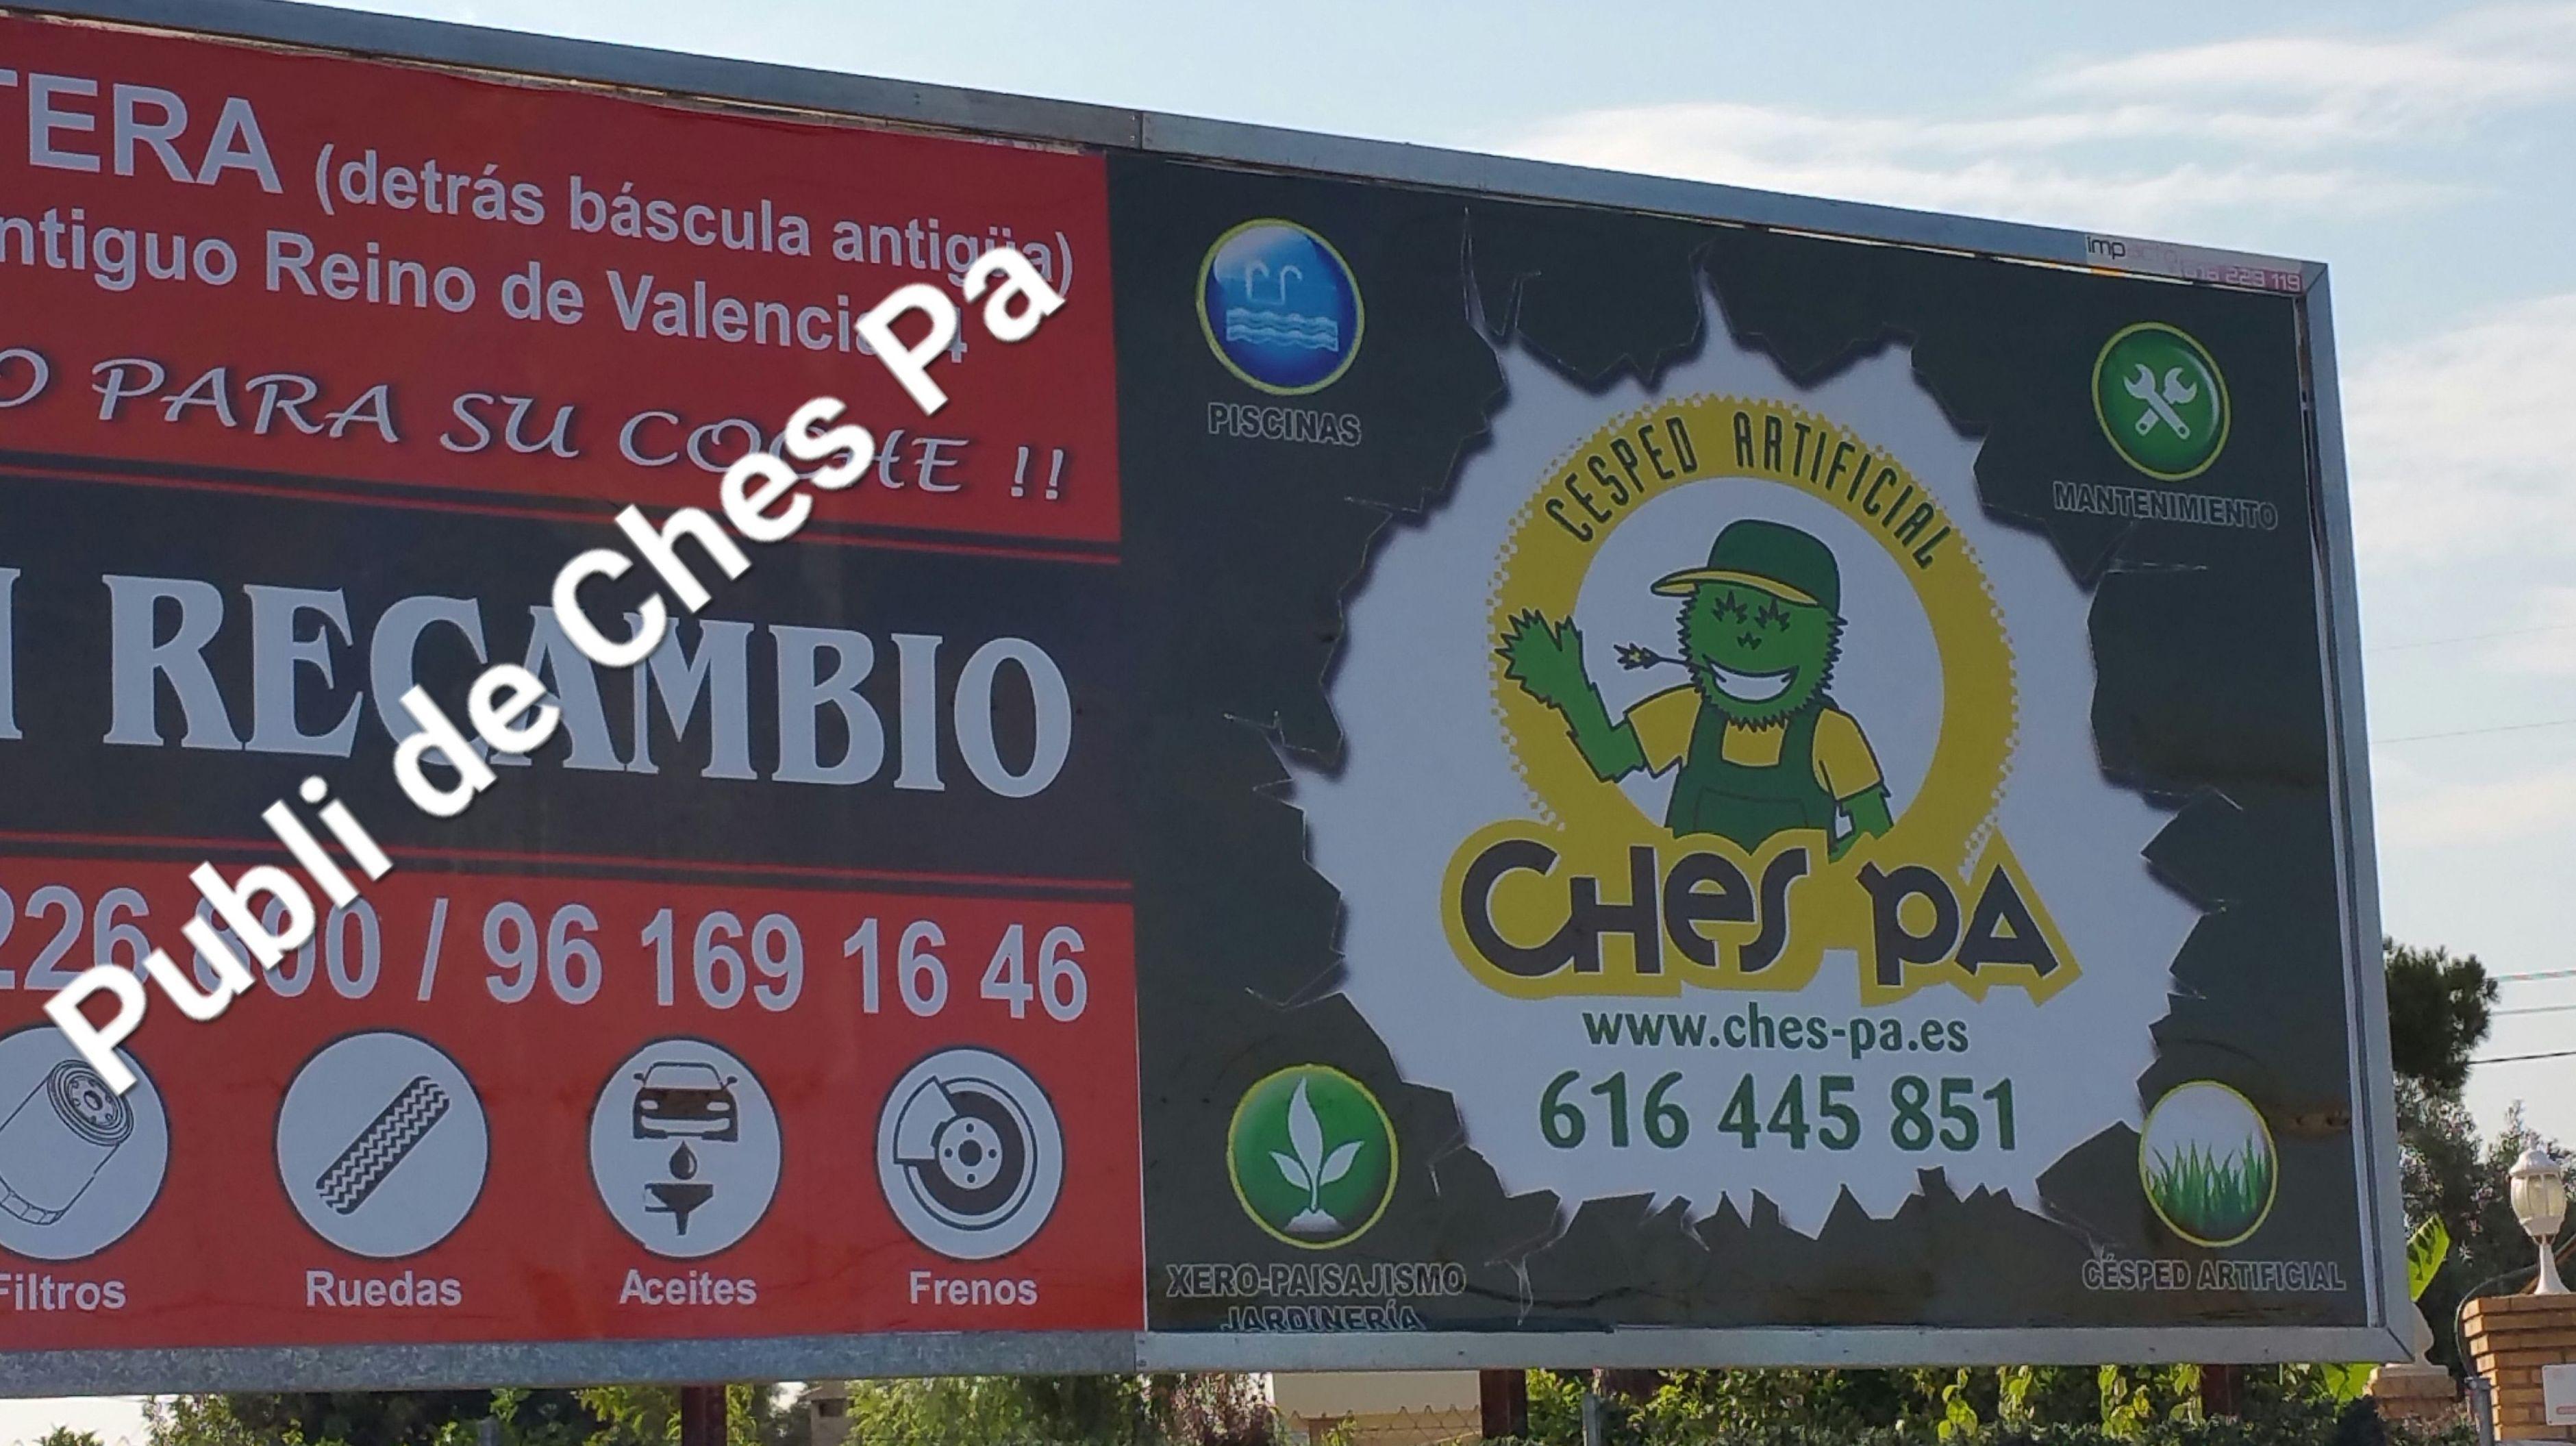 Publicidad Ches Pa